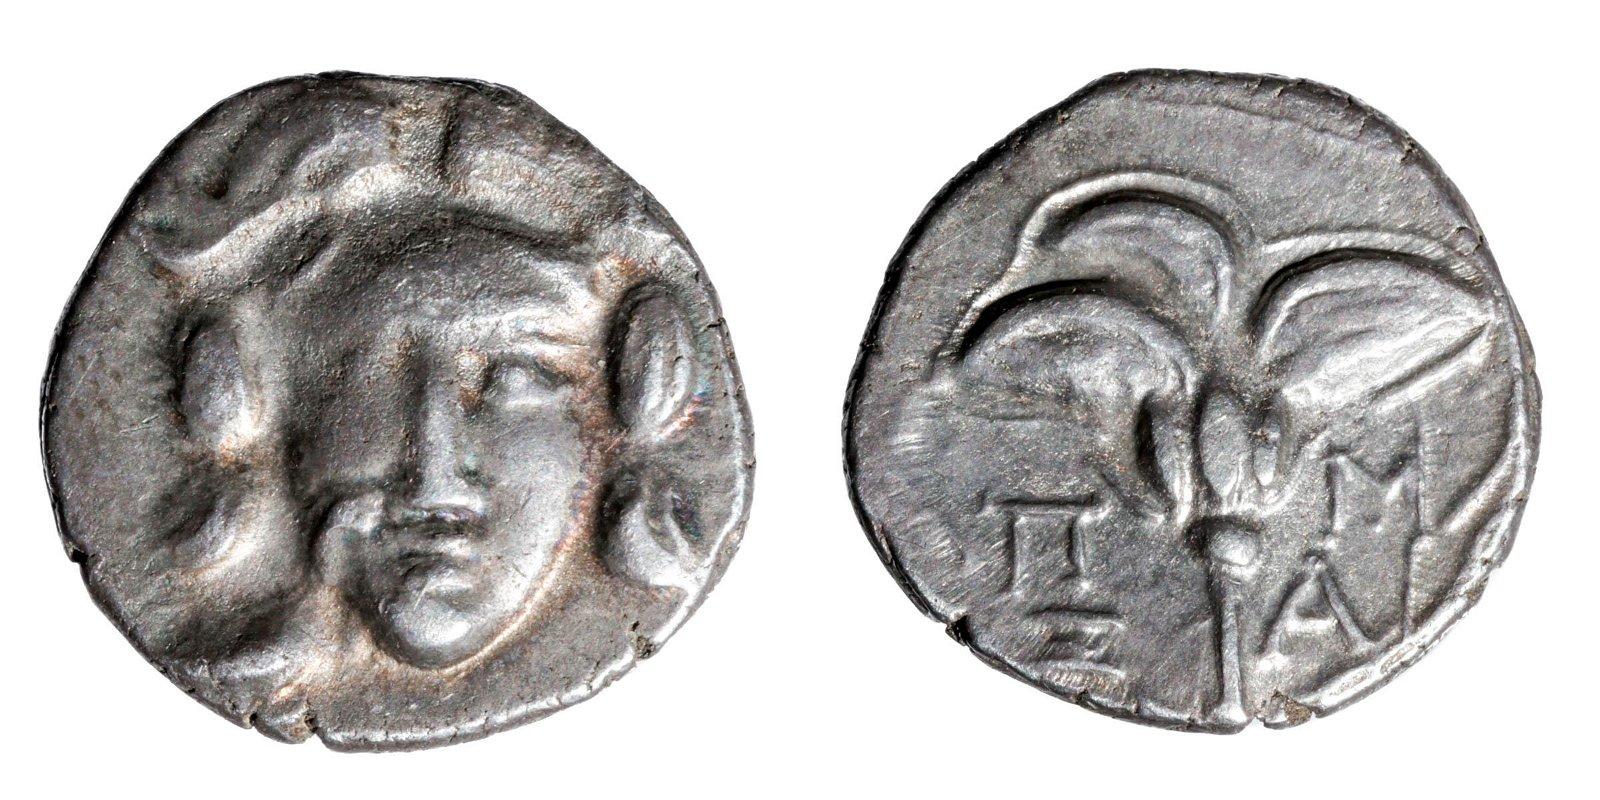 Greece Caria AR Silver Drachm - 2.8 grams